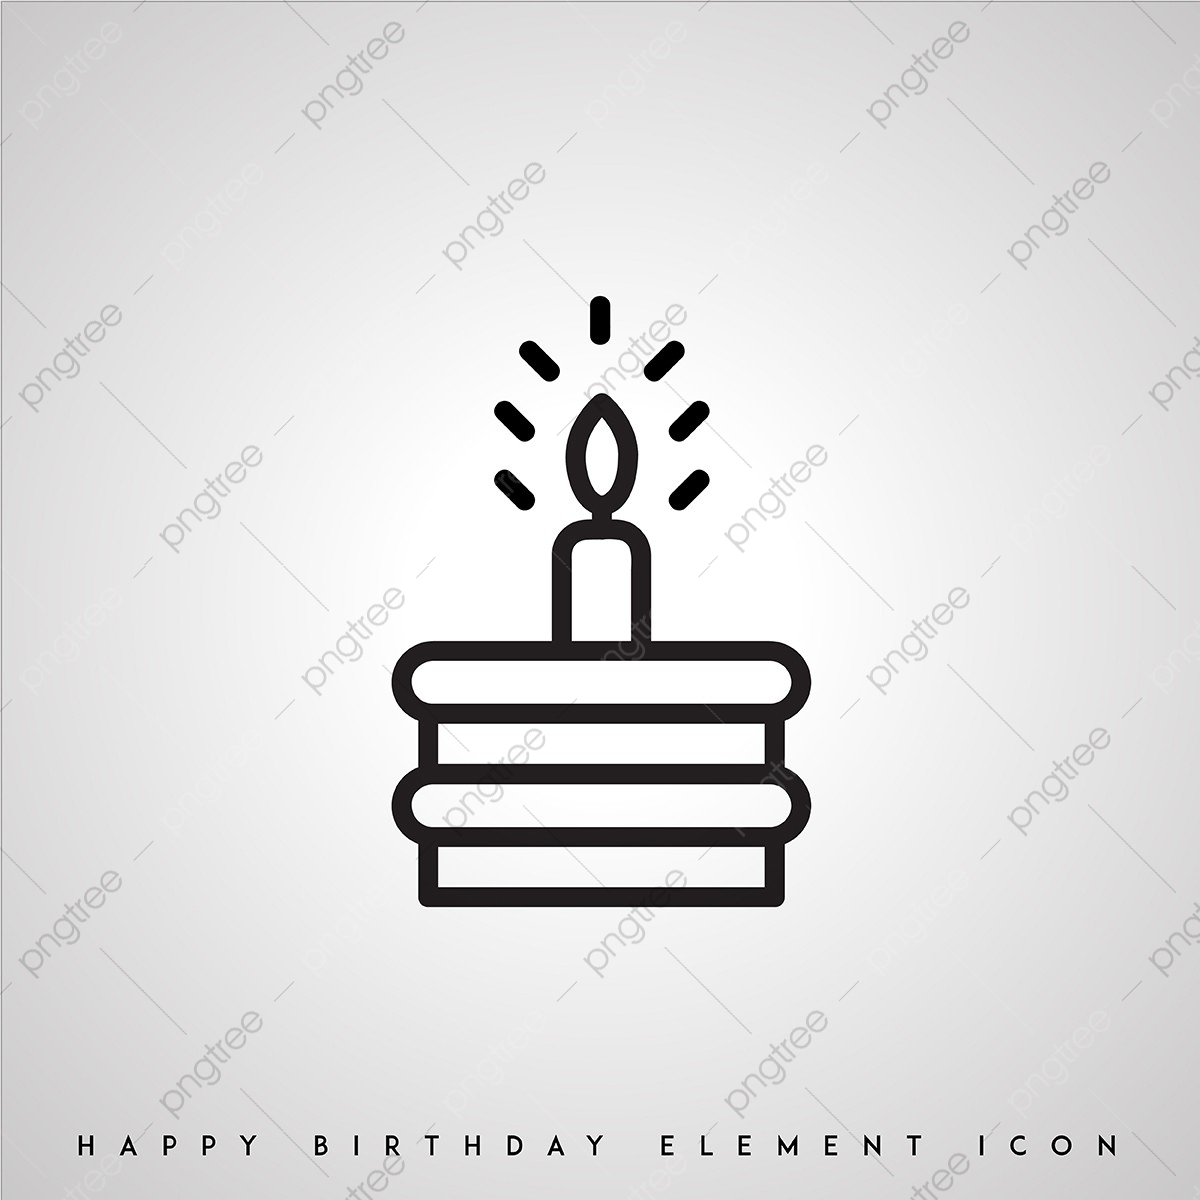 Schwarz Weiß Geburtstag Ikonen Icon Birthday Cake Png Und